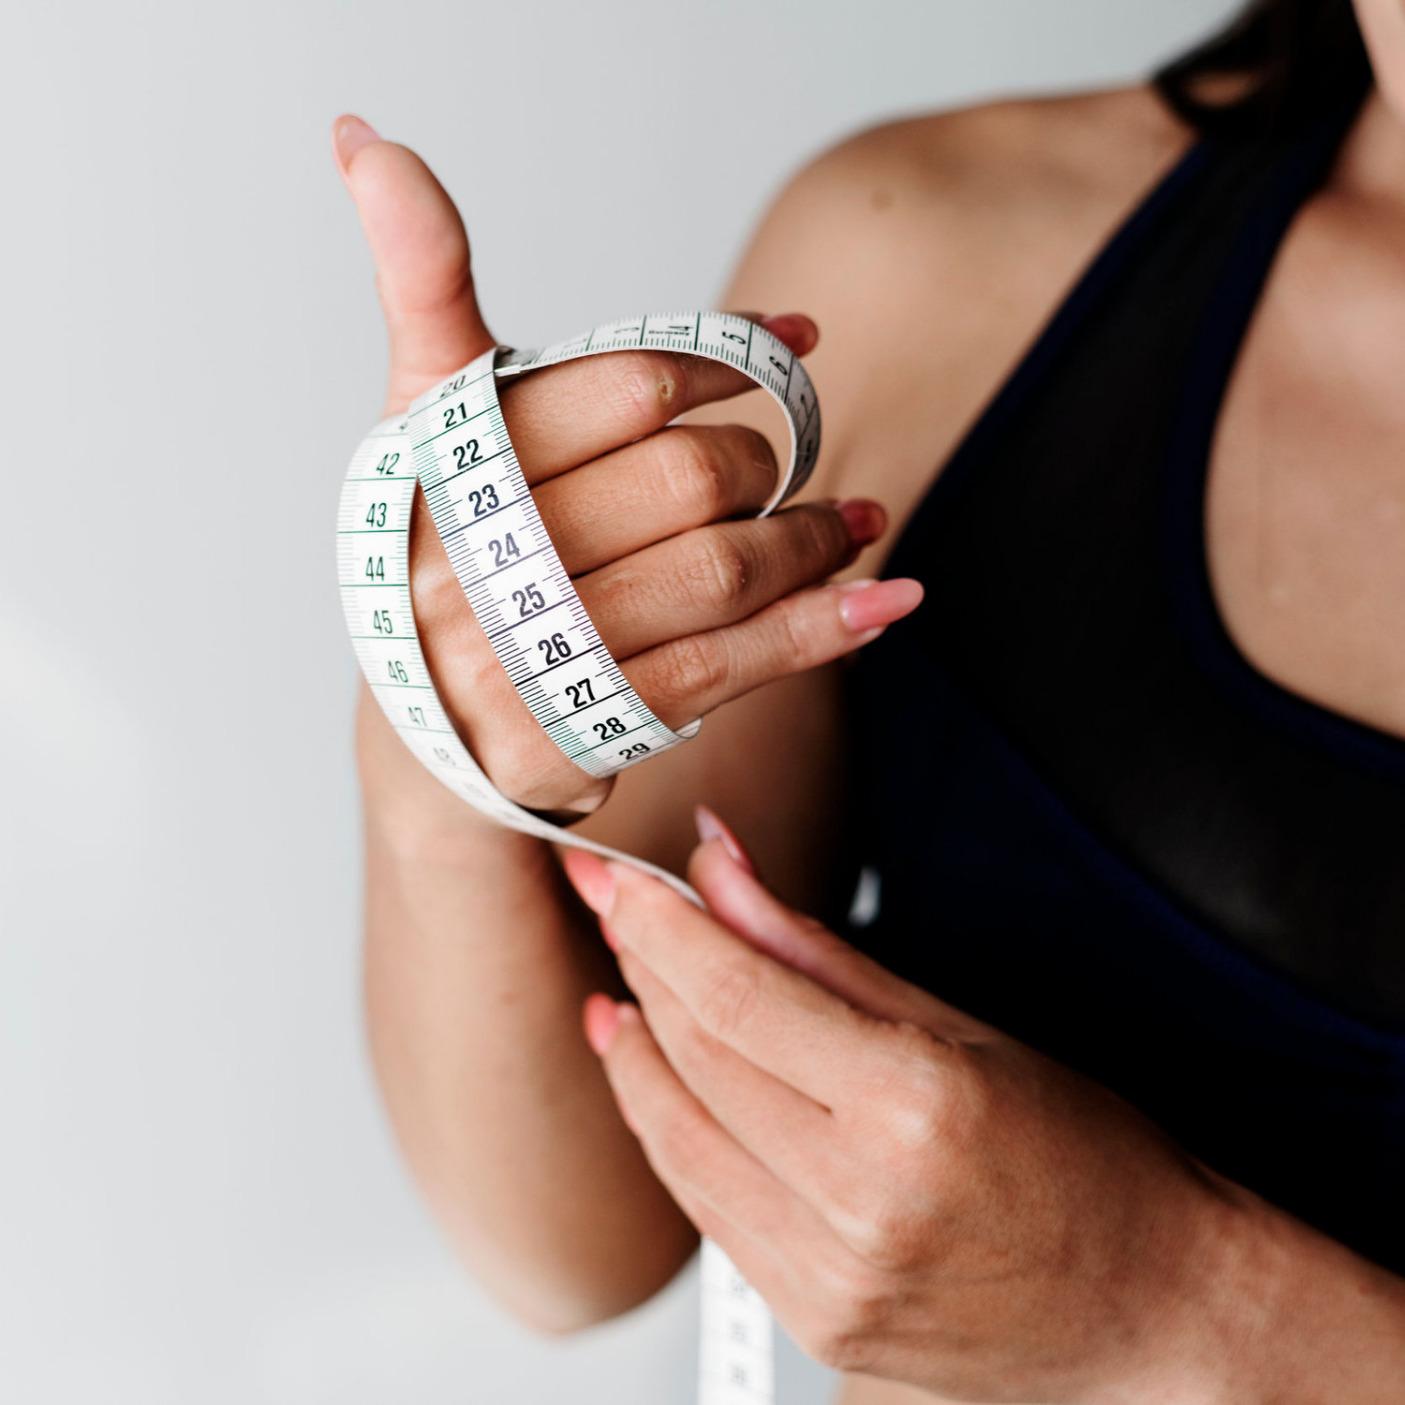 DET ÄR ENKELT - Med enkla verktyg och rätt stöd från din coach är det enklare än någonsin att leva hälsosamt.Här lär du dig att förstå vad din kropp behöver för att enkelt kunna använda dig av det i din vardag. Inget räknande av kalorier eller vägning av maten krävs.Ät och träna för att leva!